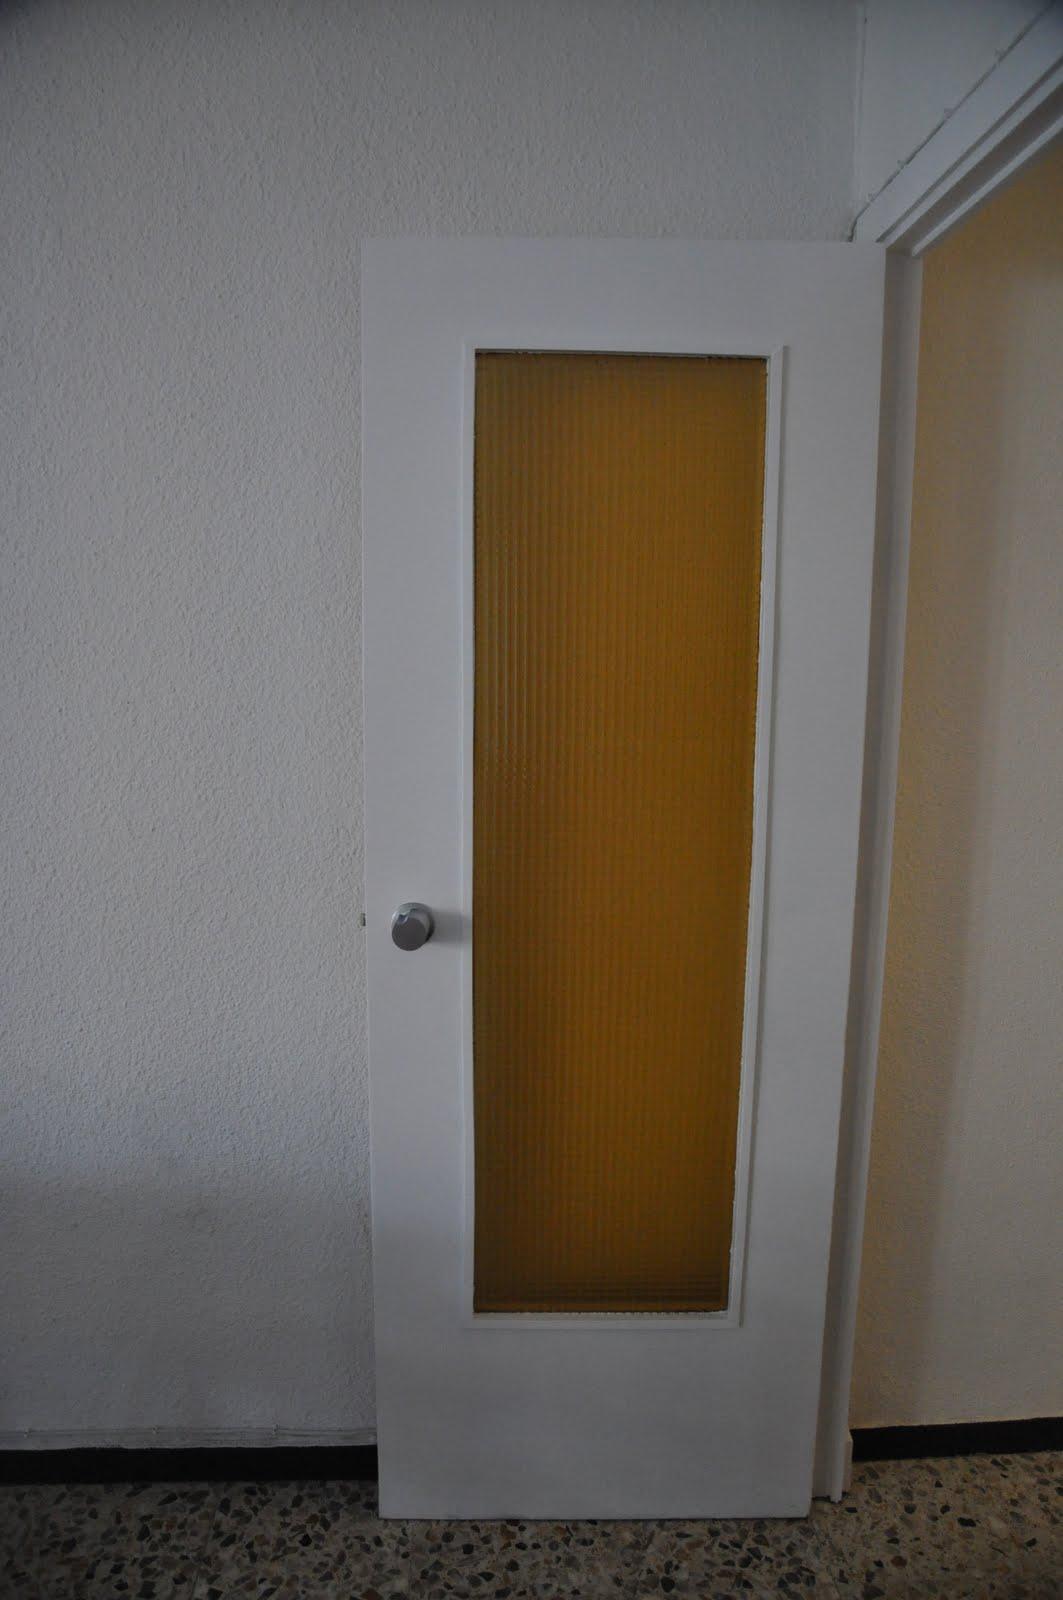 Esp ritu chamarilero lacar puertas en blanco y cambiar - Lacar puertas sapelly ...